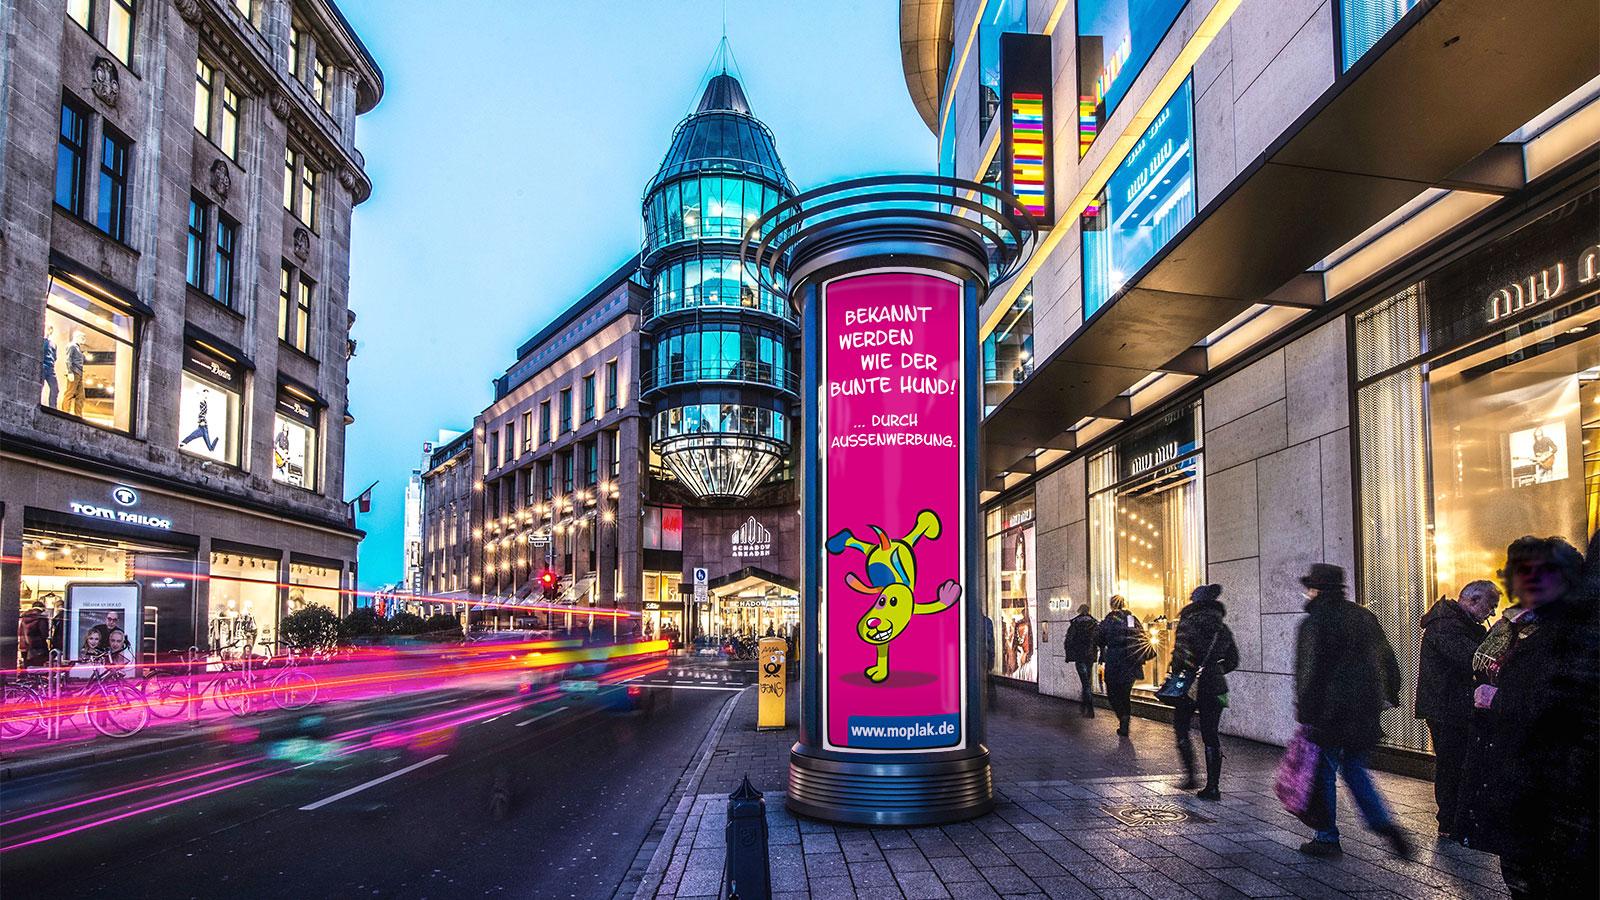 Leipzig-Aussenwerbung-Litfasssaeule-Werbung